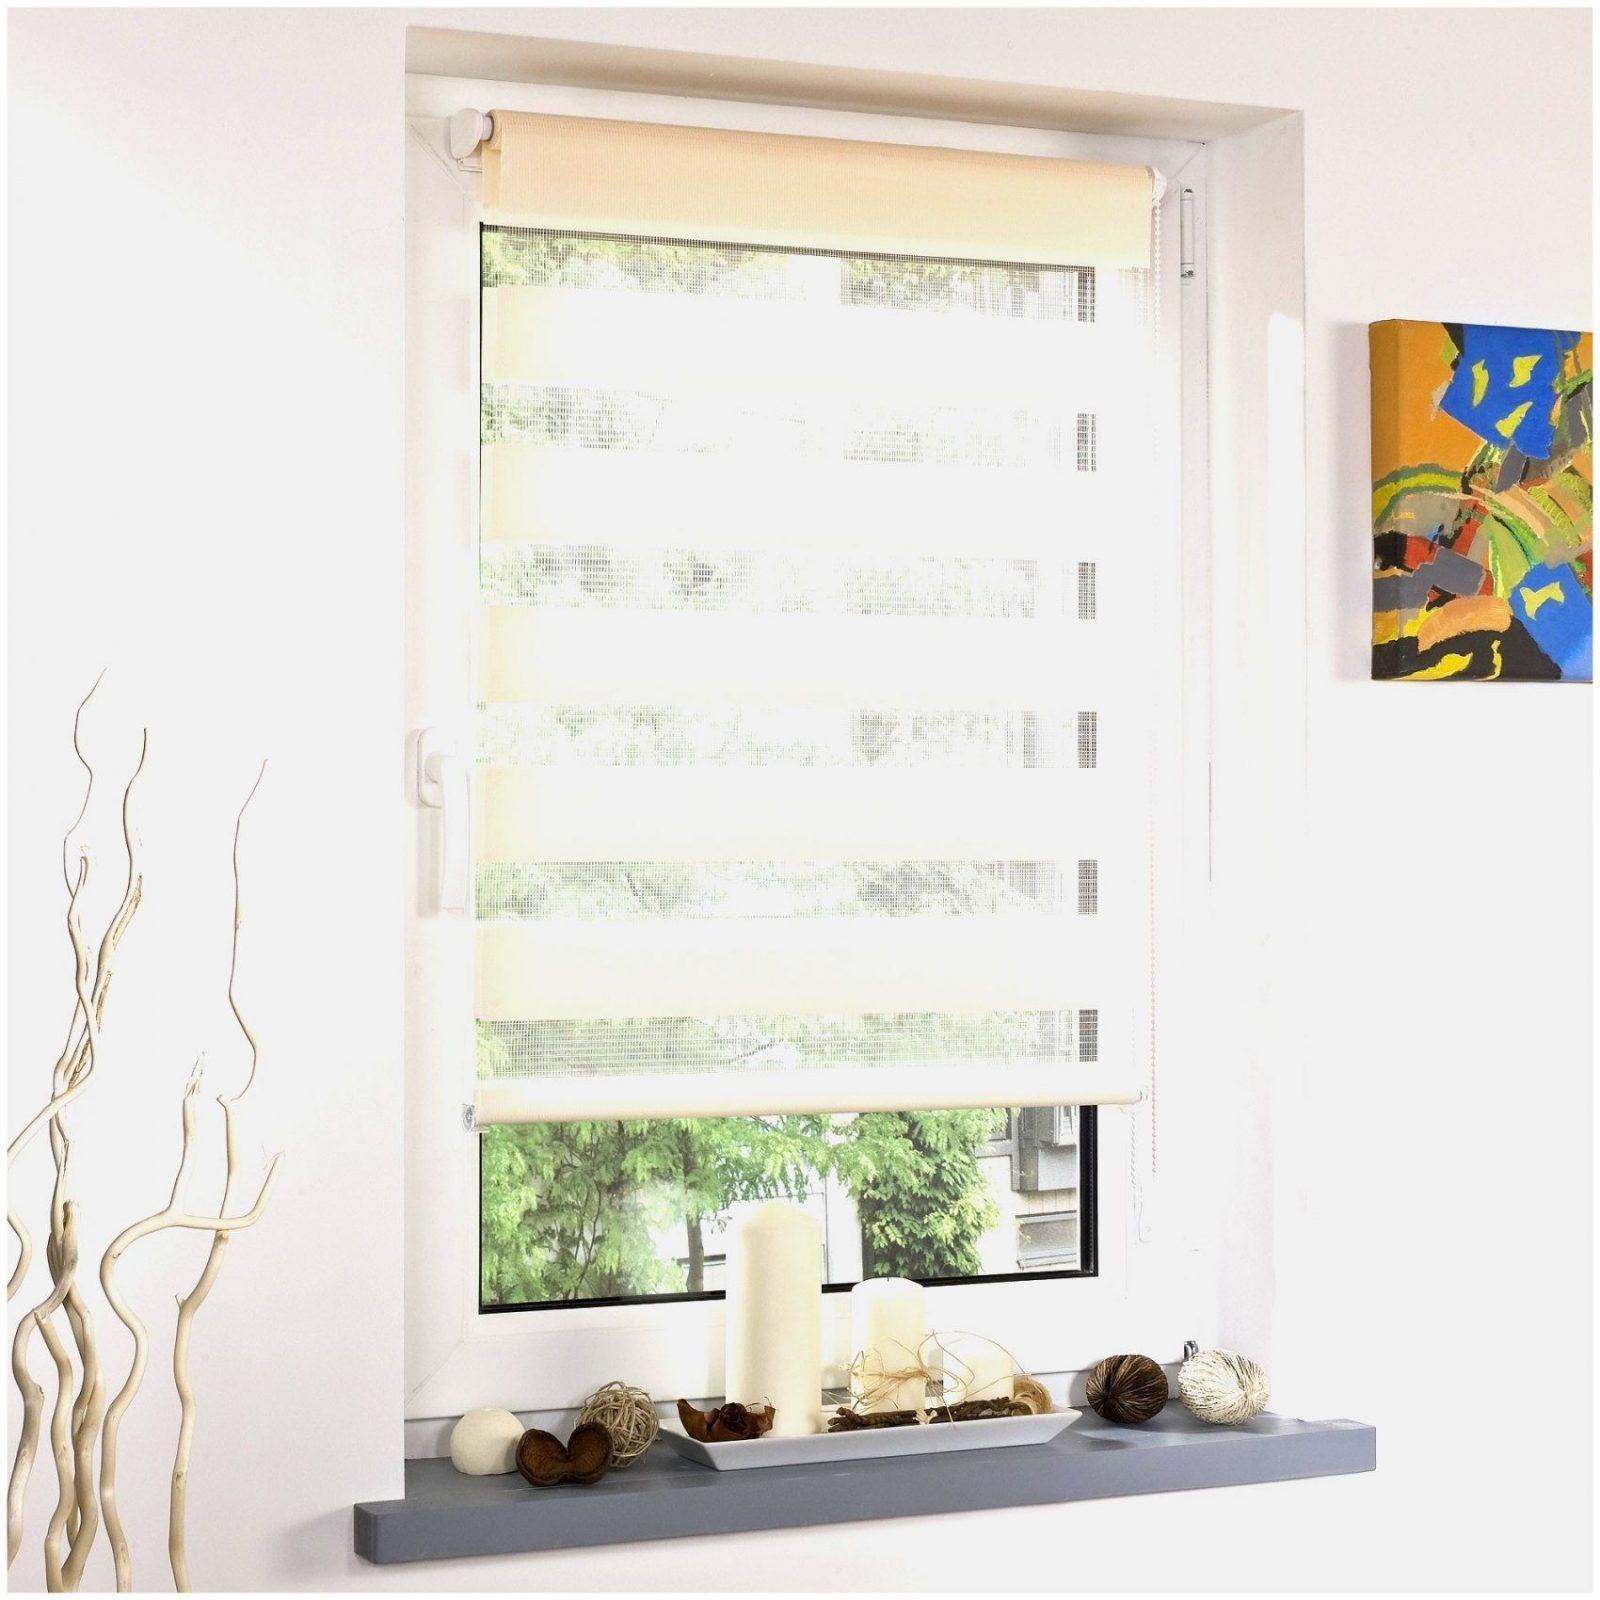 Neu Fenster Rollo Zum Einhängen Galerie Der Fenster Dekor 433687 von Fenster Rollo Zum Einhängen Photo